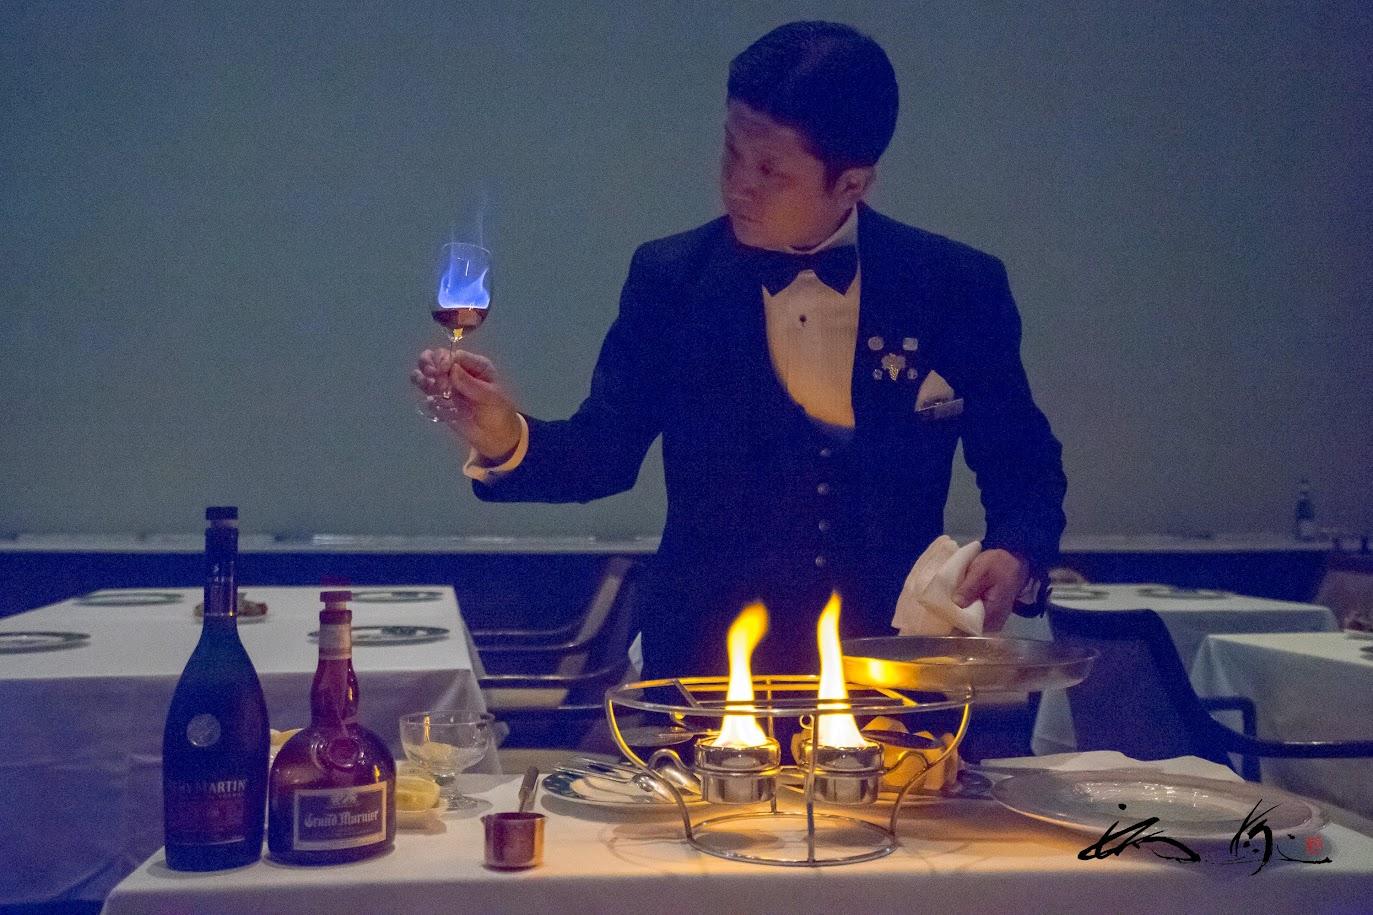 グラスに燃える青い炎